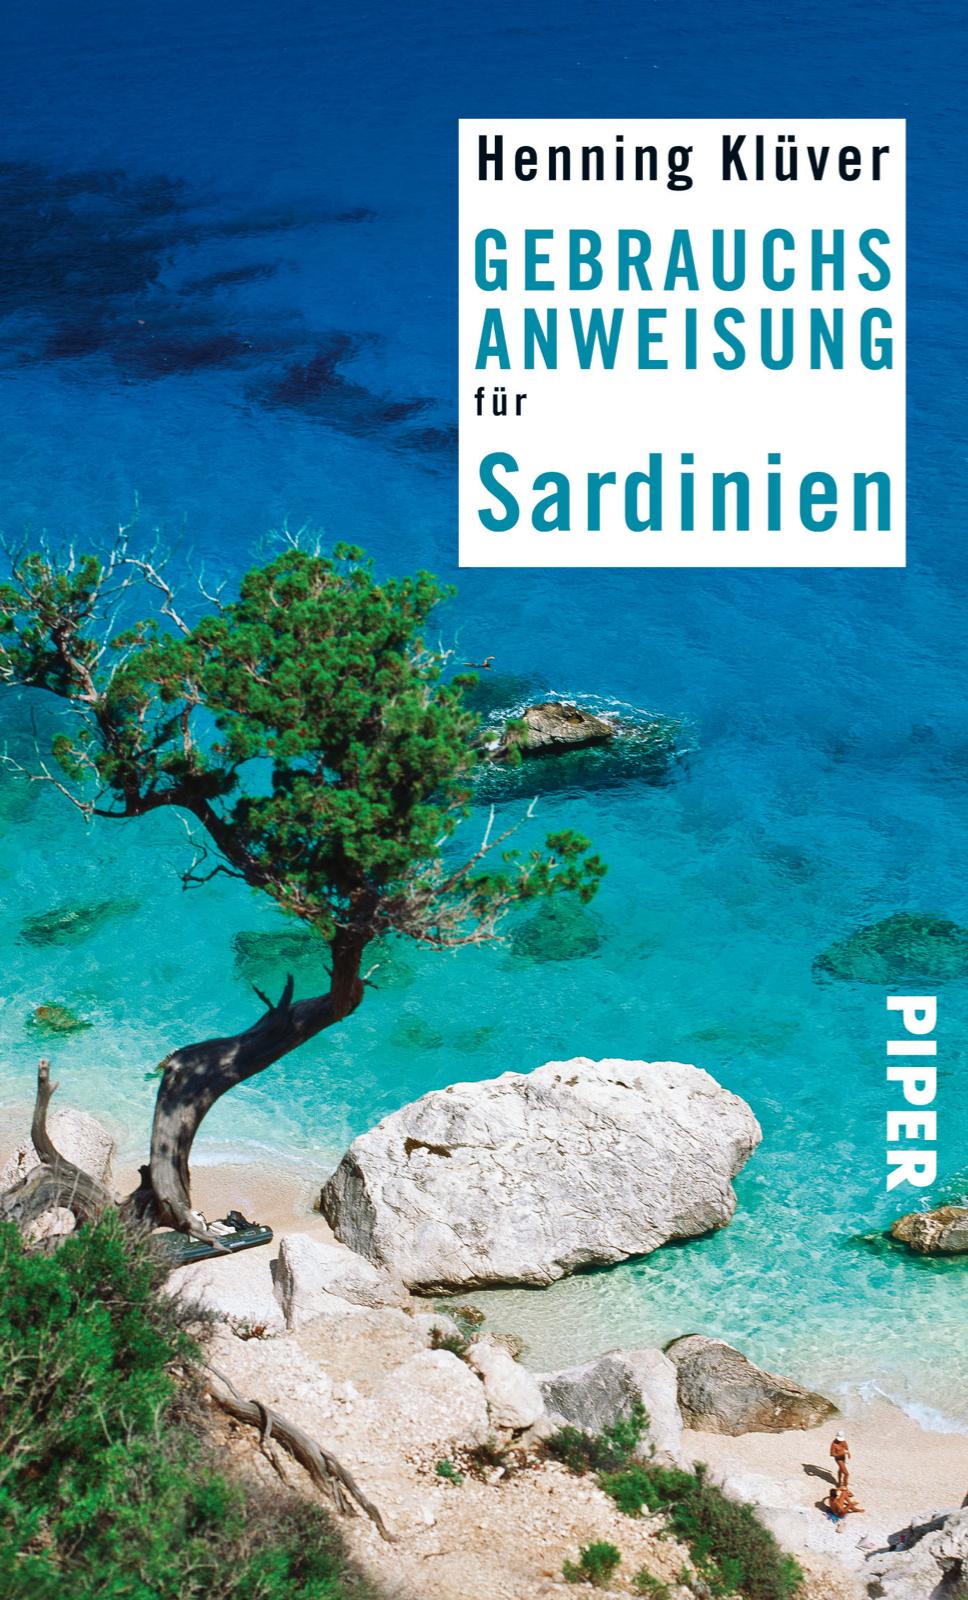 Urlaubslektüre: Gebrauchsanweisung für Sardinien von Henning Klüver